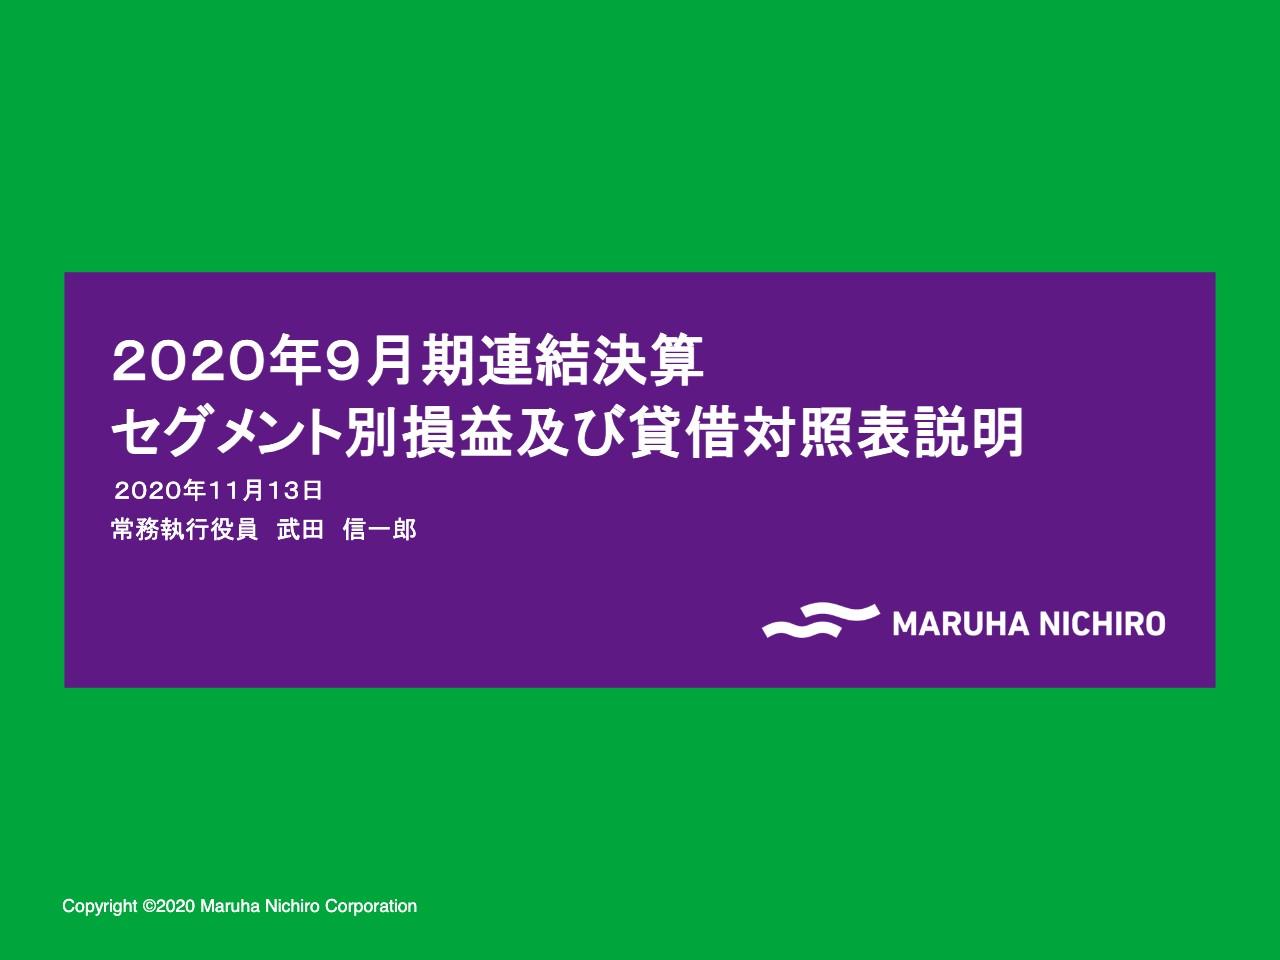 マルハニチロ、巣ごもり需要による海外セグメント等の増益が寄与し通期営業利益は前年比5%増